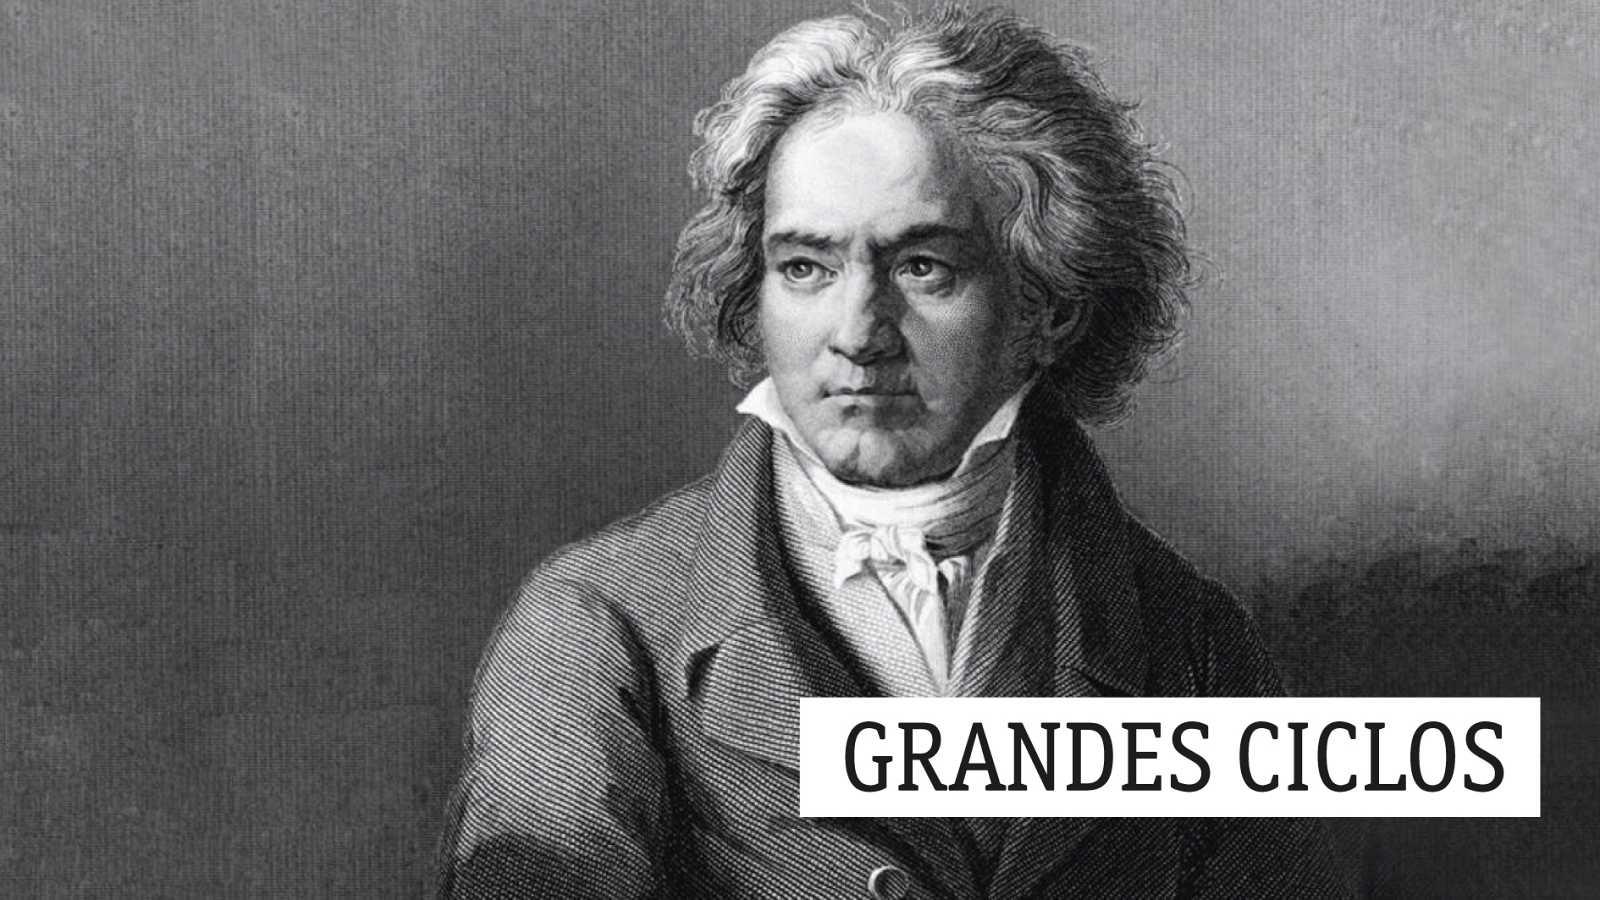 Grandes ciclos - L. van Beethoven (CXI): En manos y visión de intérprete - 26/10/20 - escuchar ahora